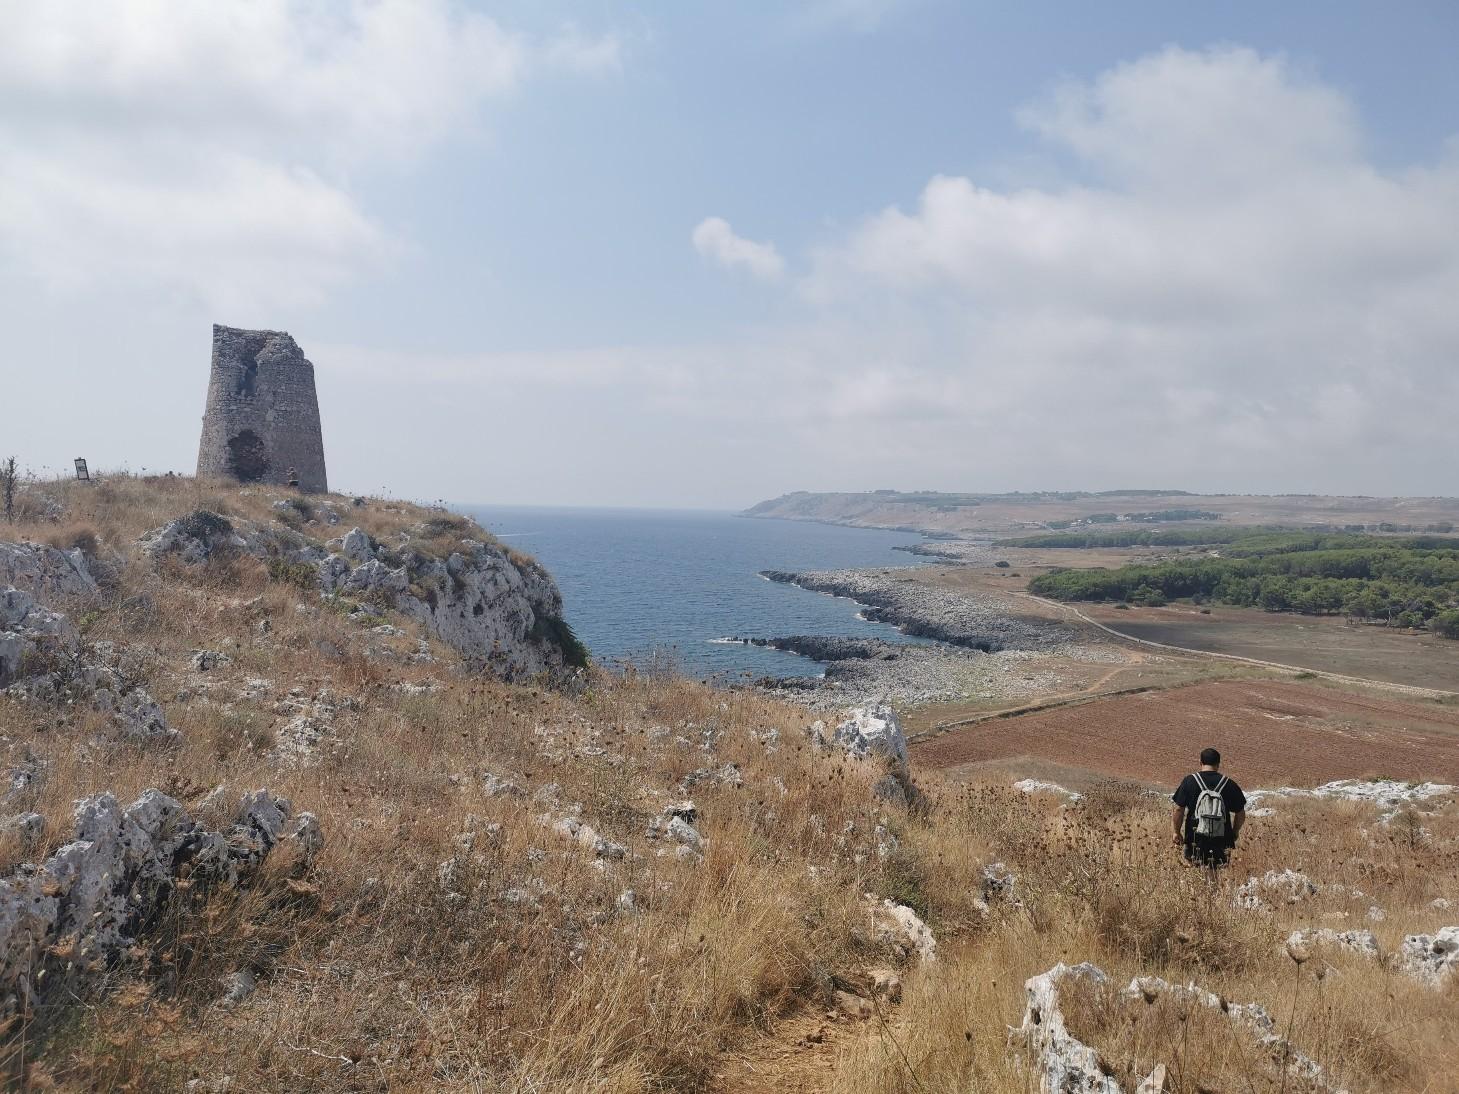 エメラルドグリーンの入り江と丘の上の塔~プーリア滞在記_f0106597_03385229.jpg